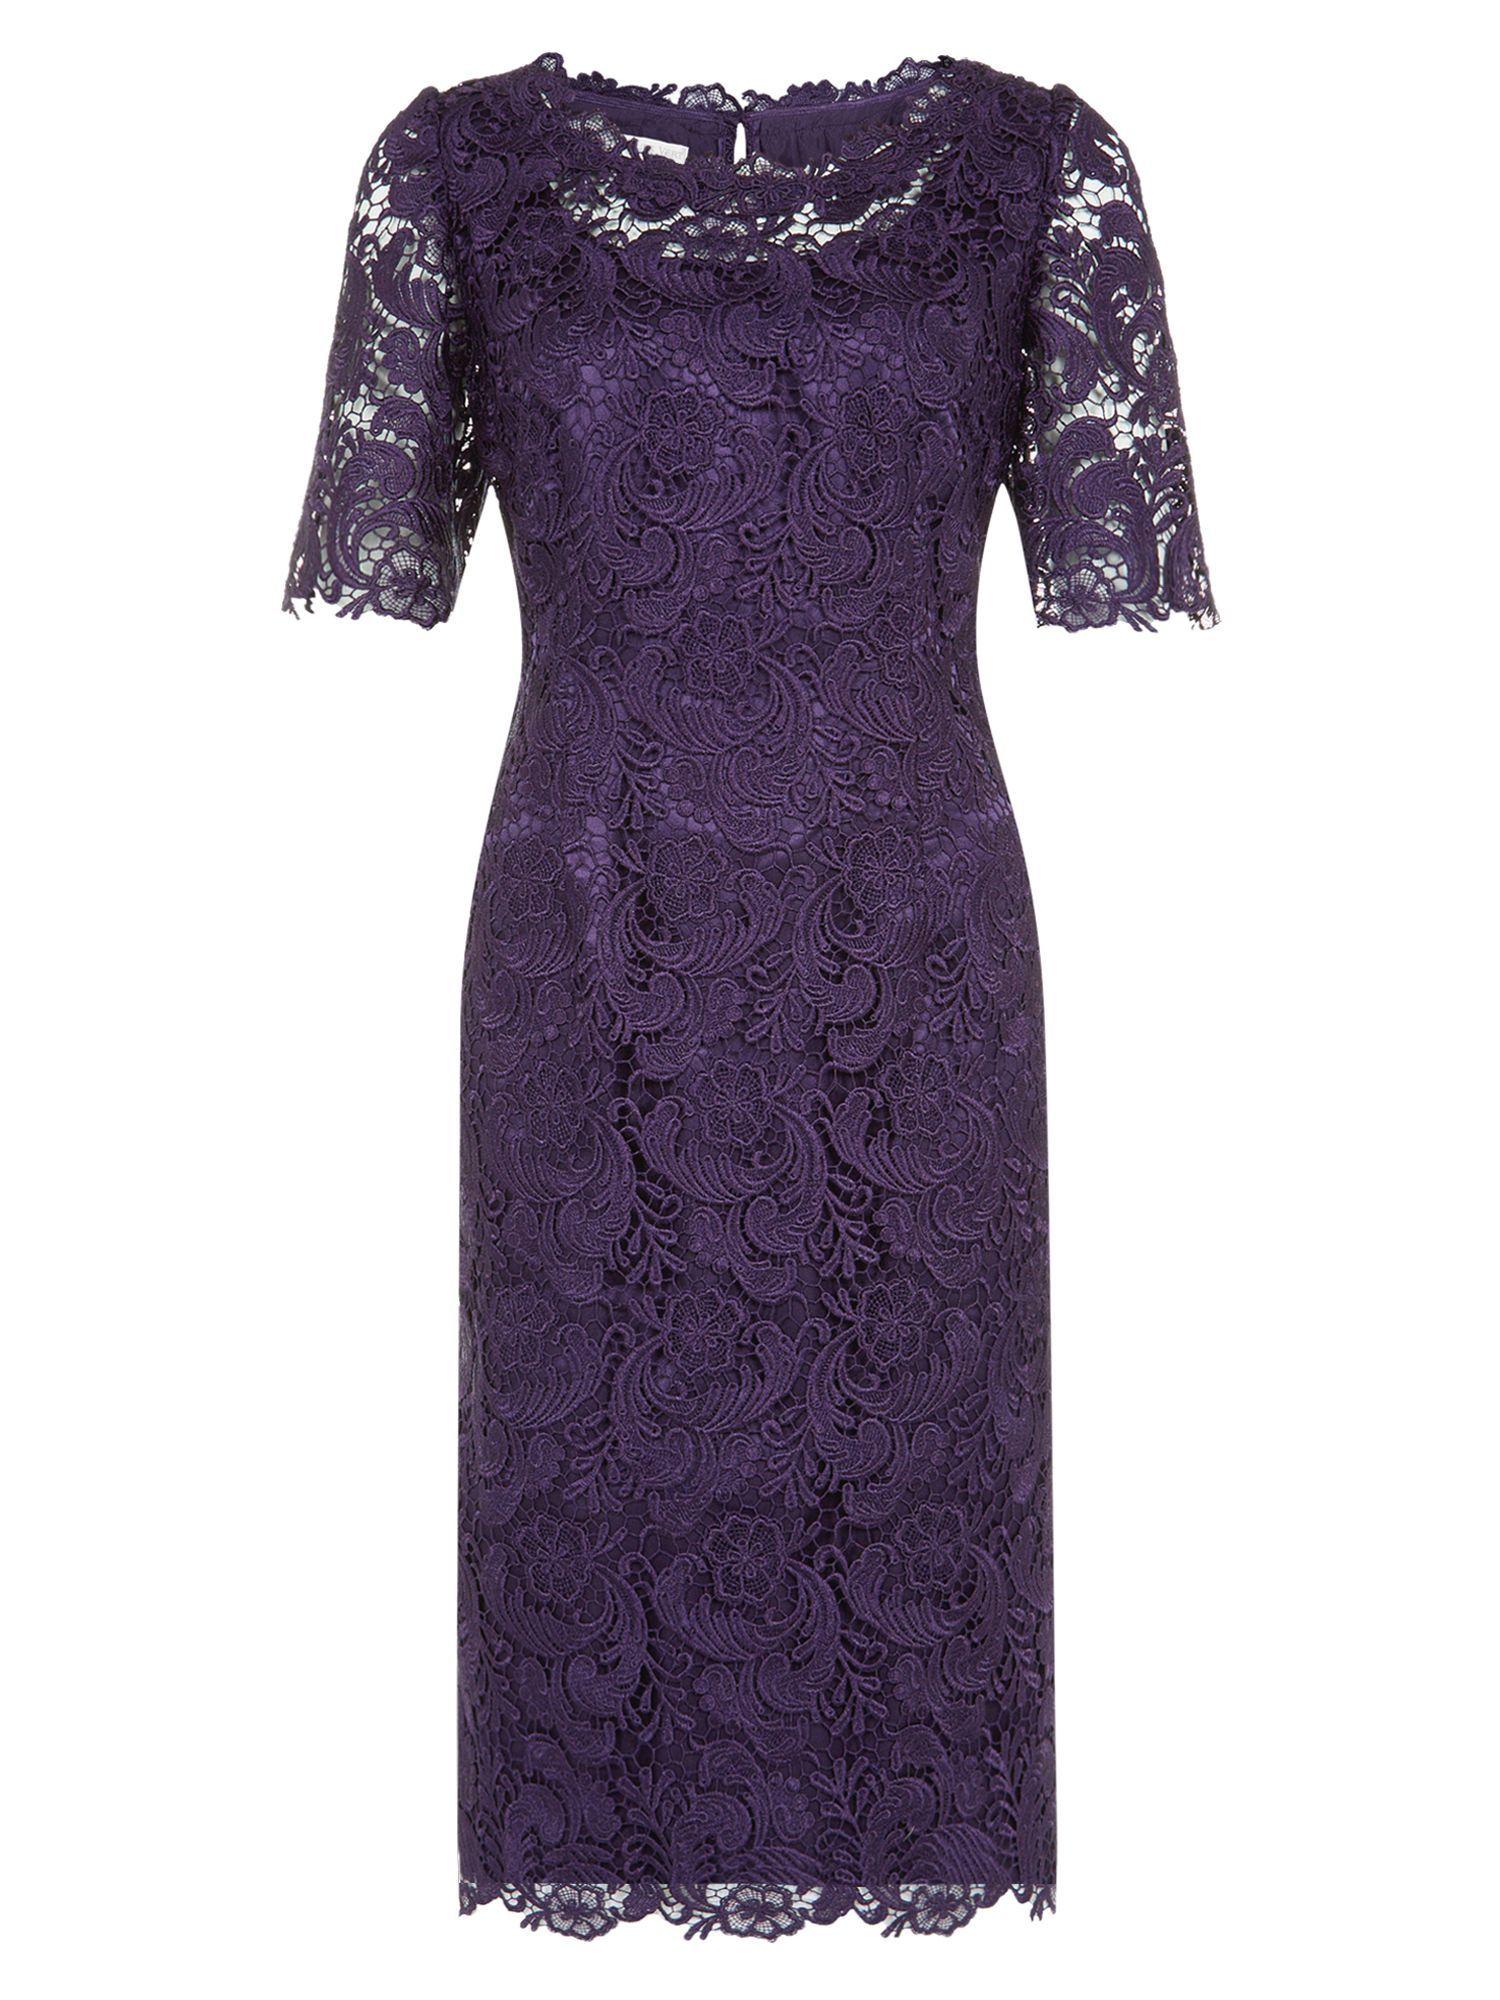 Jacques vert purple dress google search bridesmaids pinterest